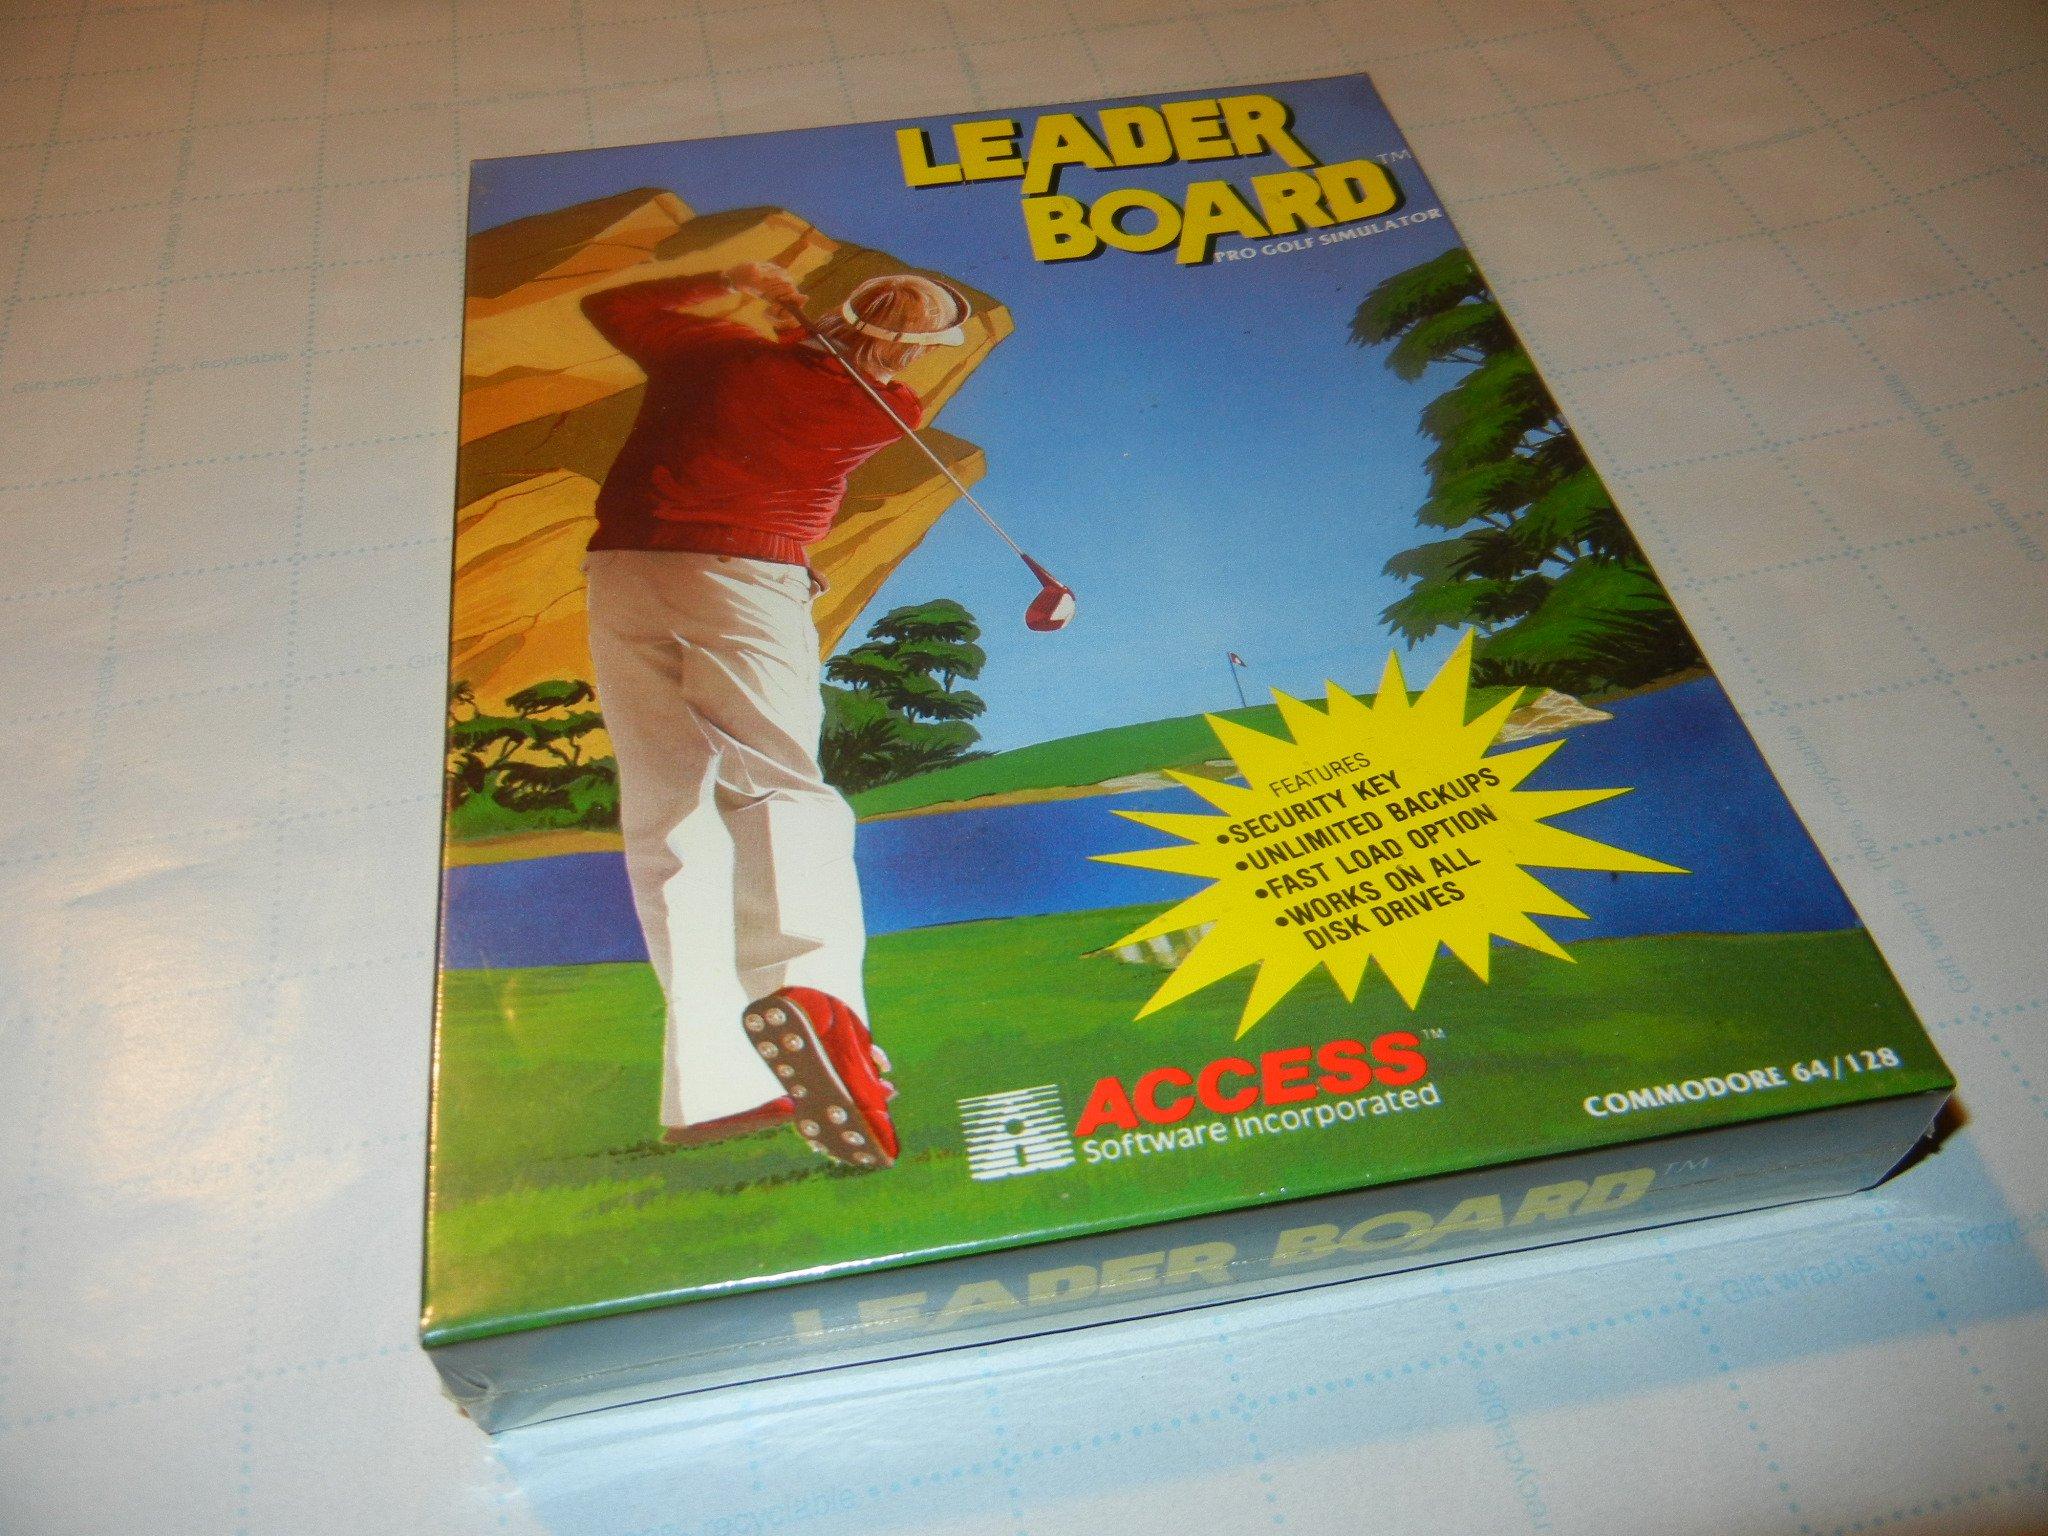 Leaderboard Golf - Commodore 64